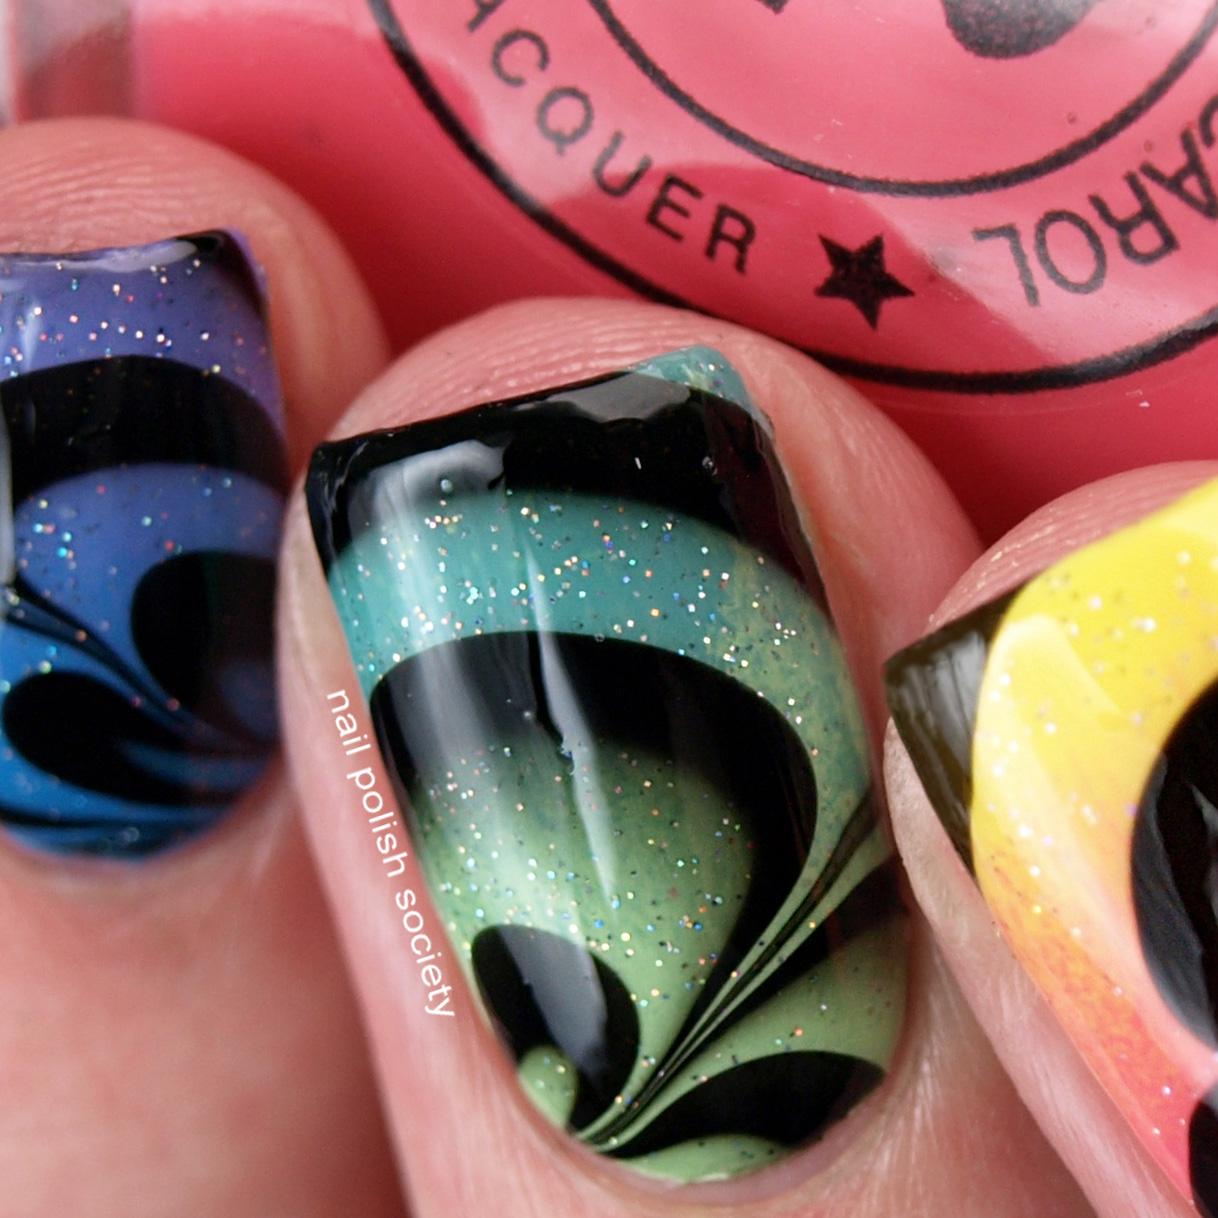 Nail Polish Society: Paint All The Nails Presents Marble